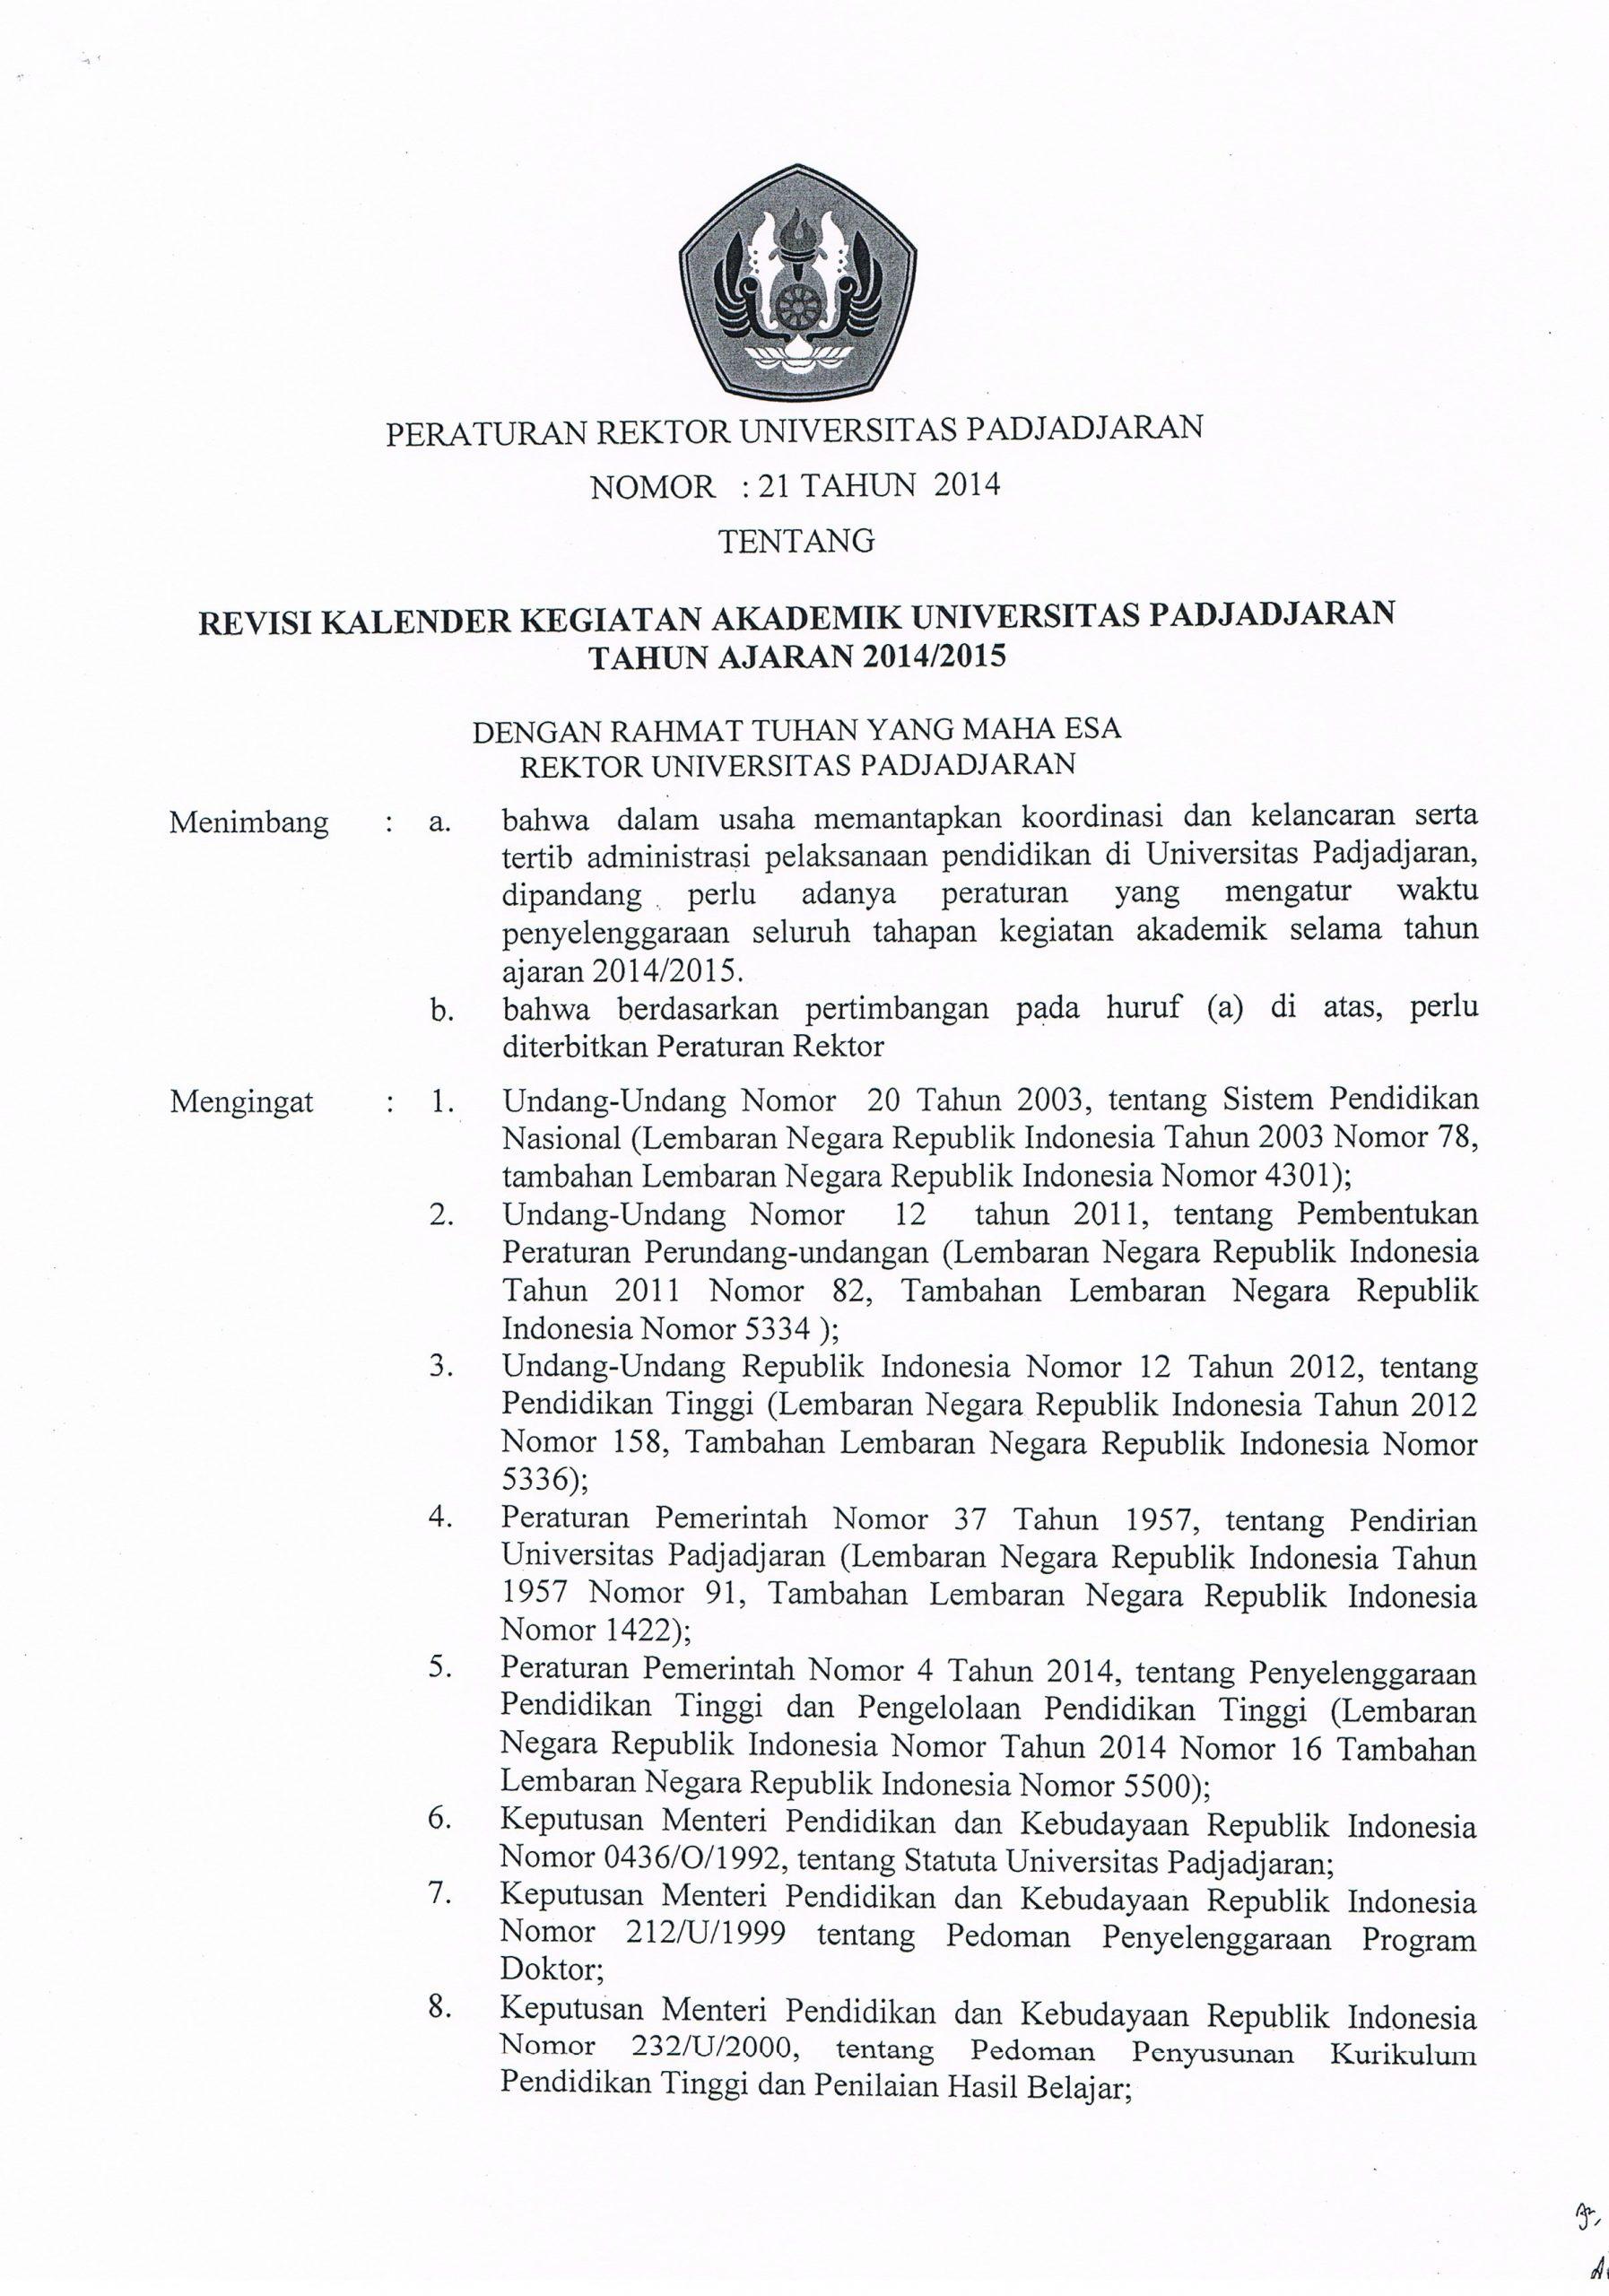 Revisi Kalender Kegiatan Akademik Universitas Padjadjaran Netspend Ssi Deposit Schedule